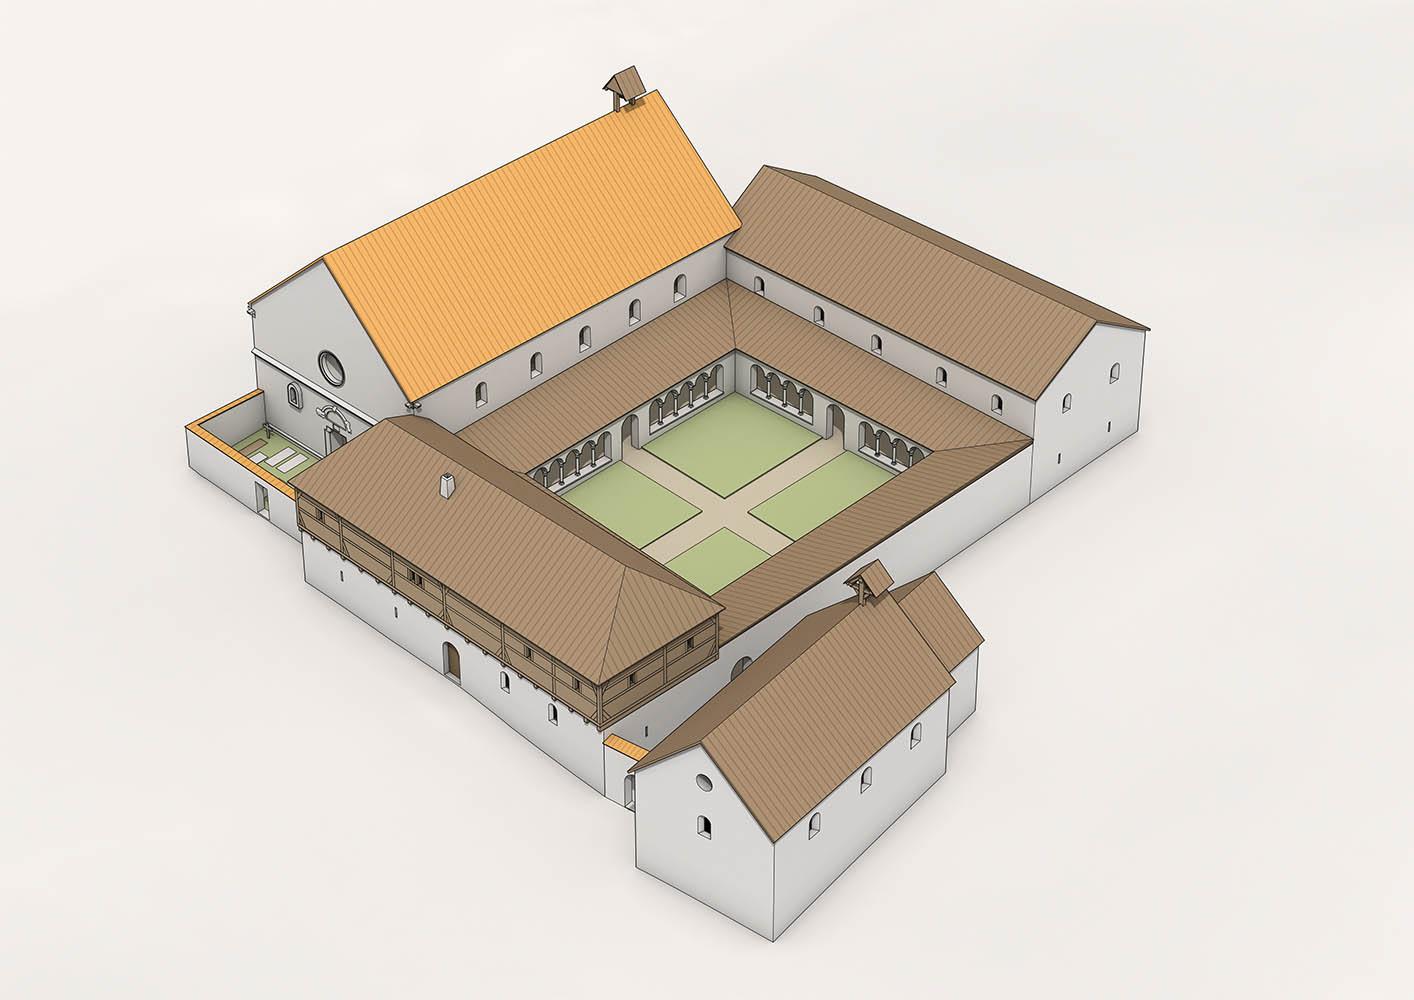 Kloster Schöntal nach dem Ausbau